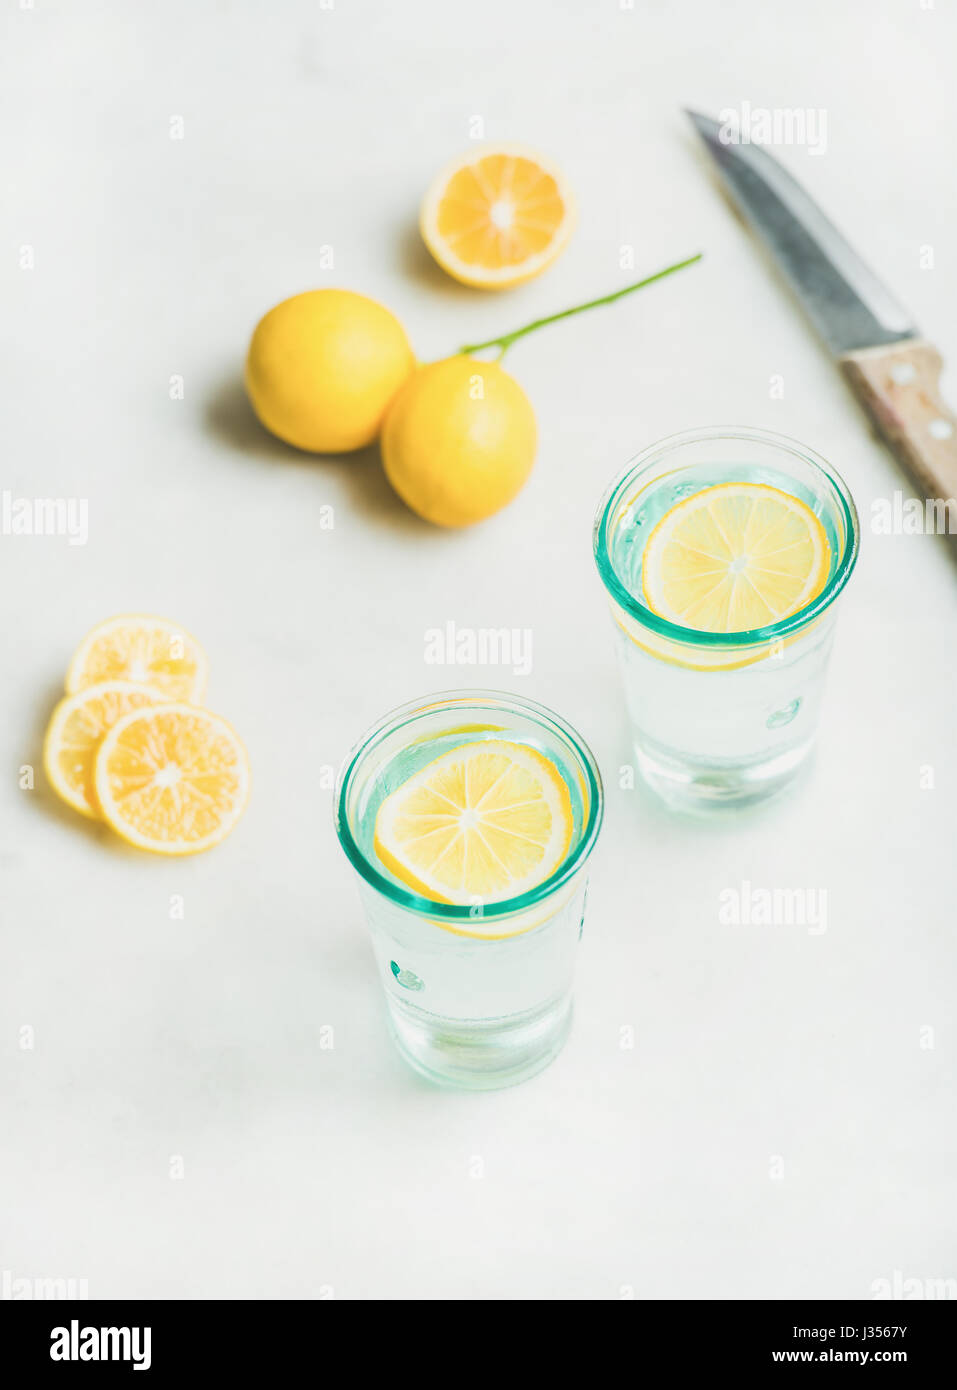 Mañana detox agua de limón en copas más luz fondo de mármol Imagen De Stock